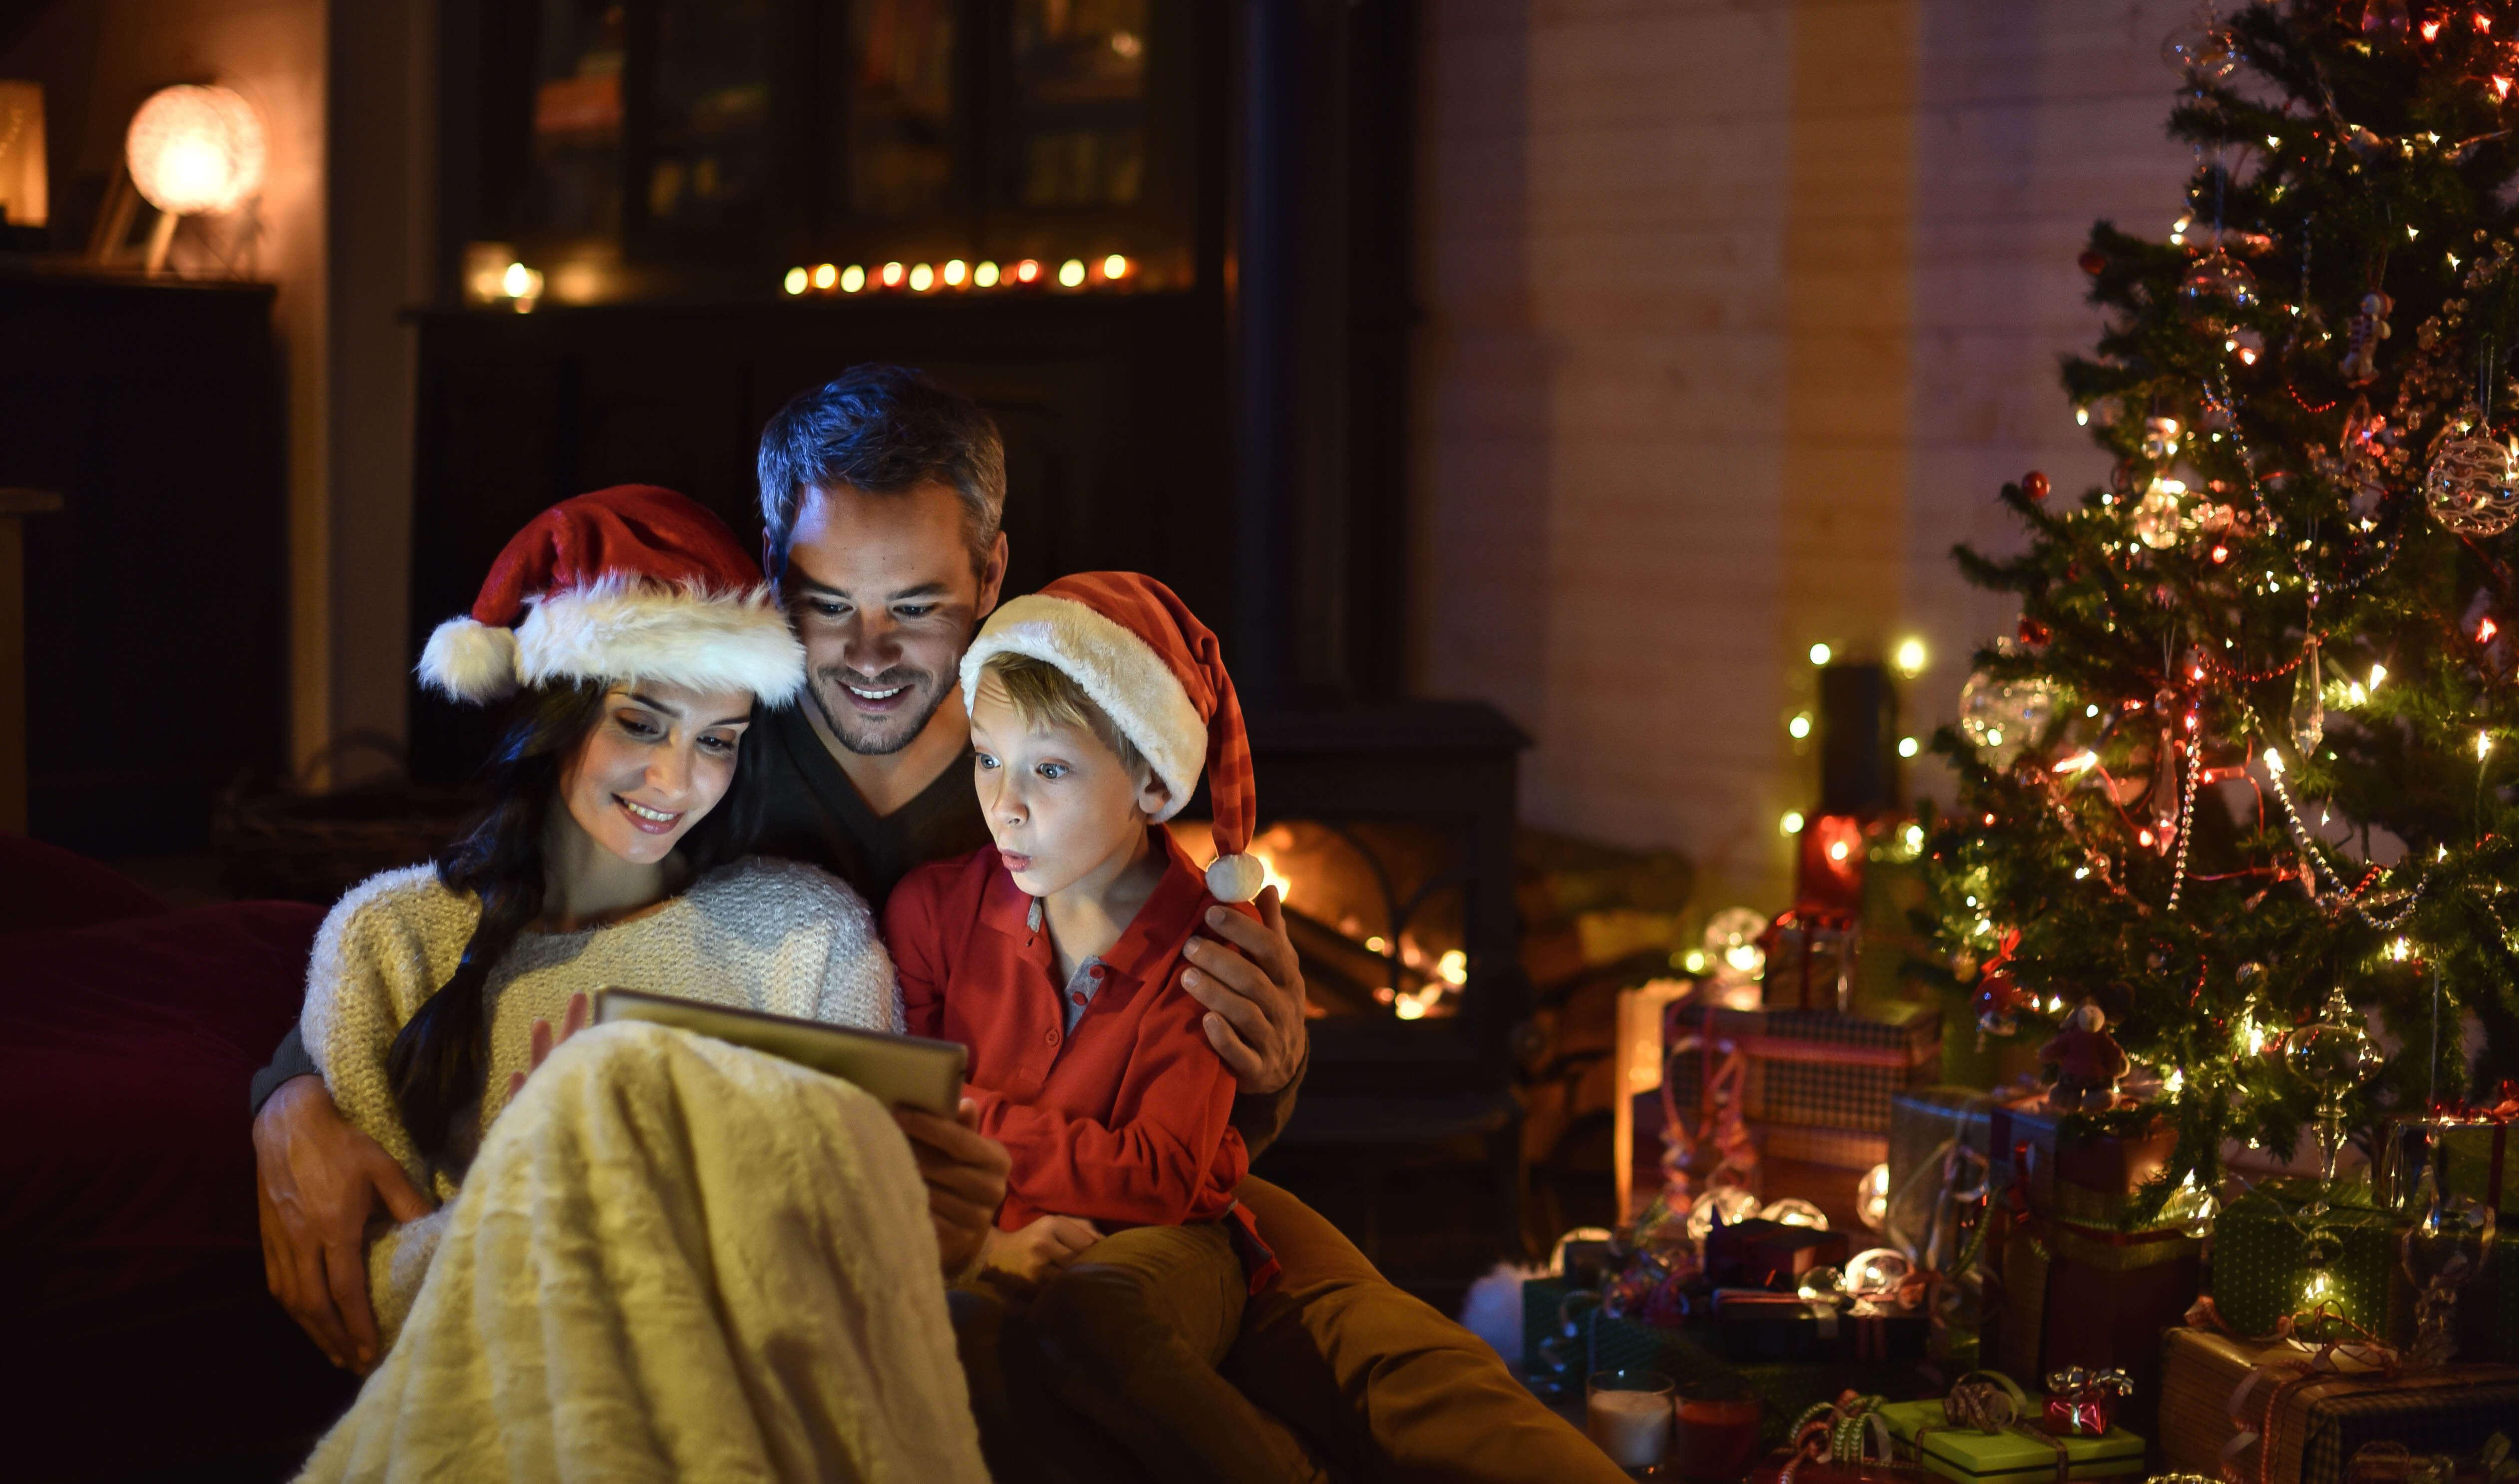 family-among-christmas-decorations.jpg